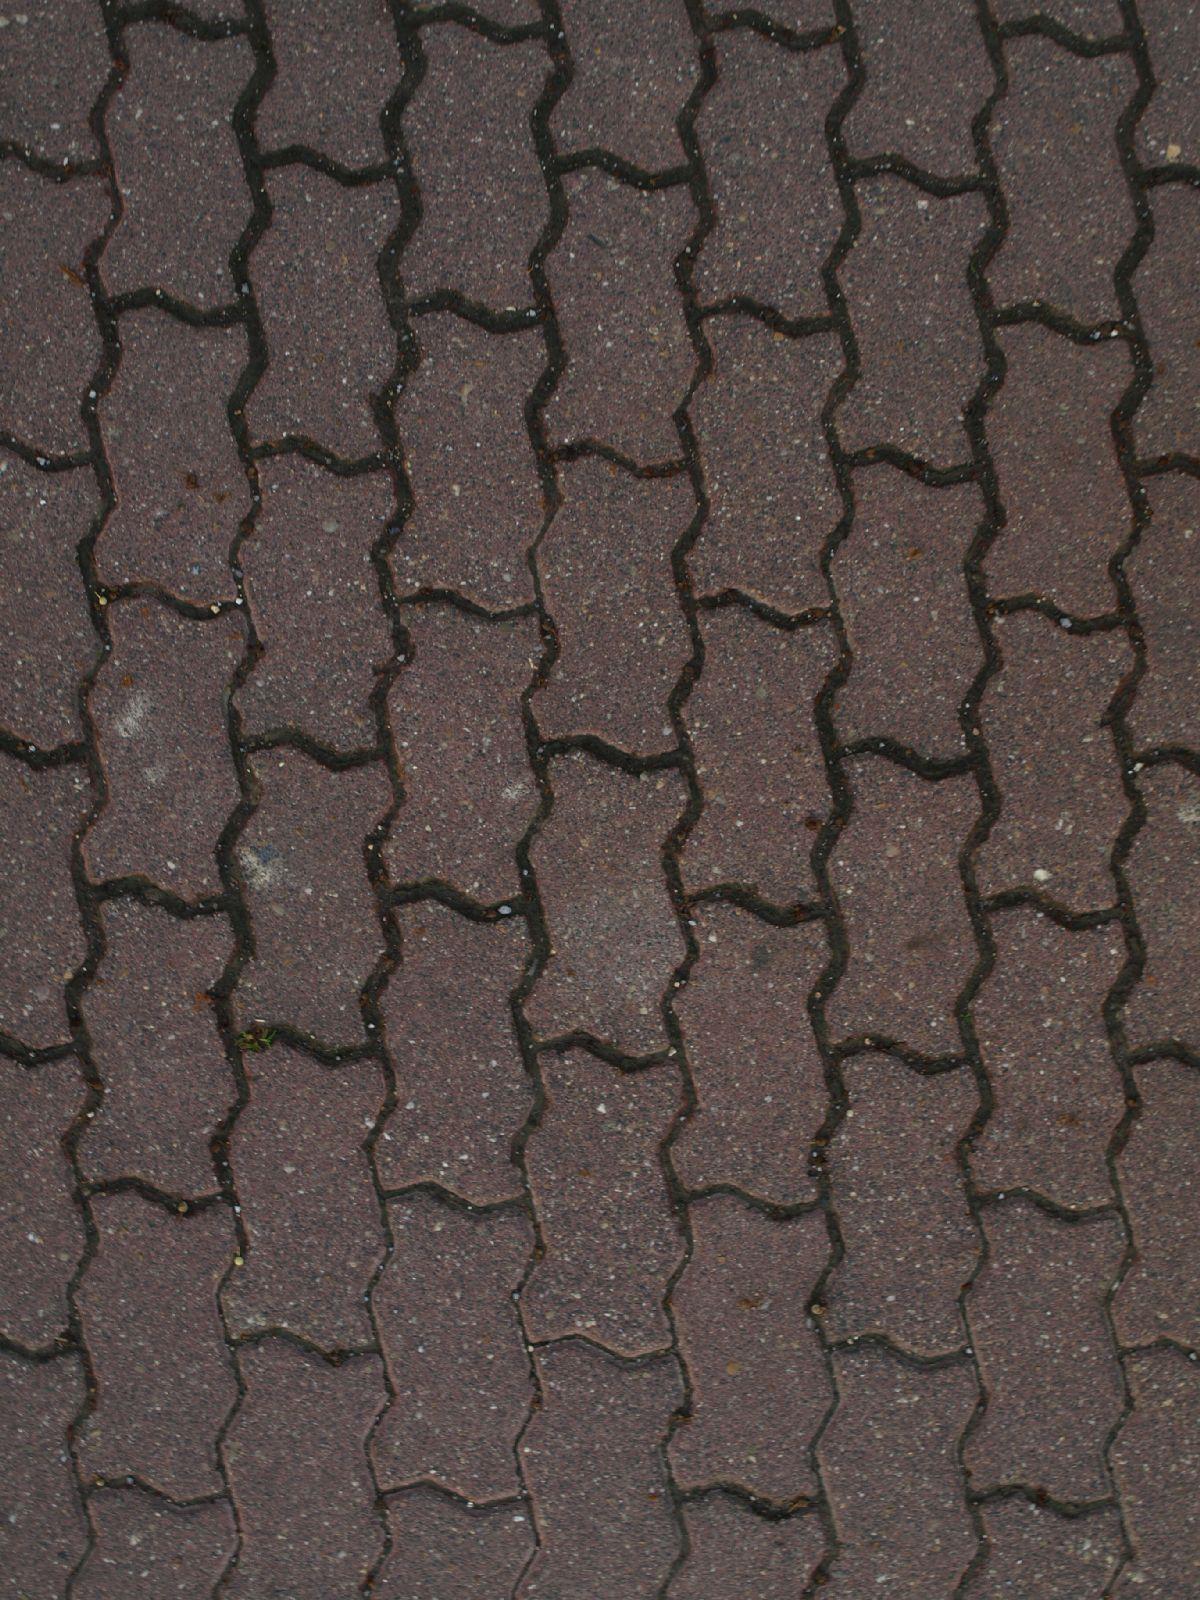 Ground-Urban_Texture_A_P8234587